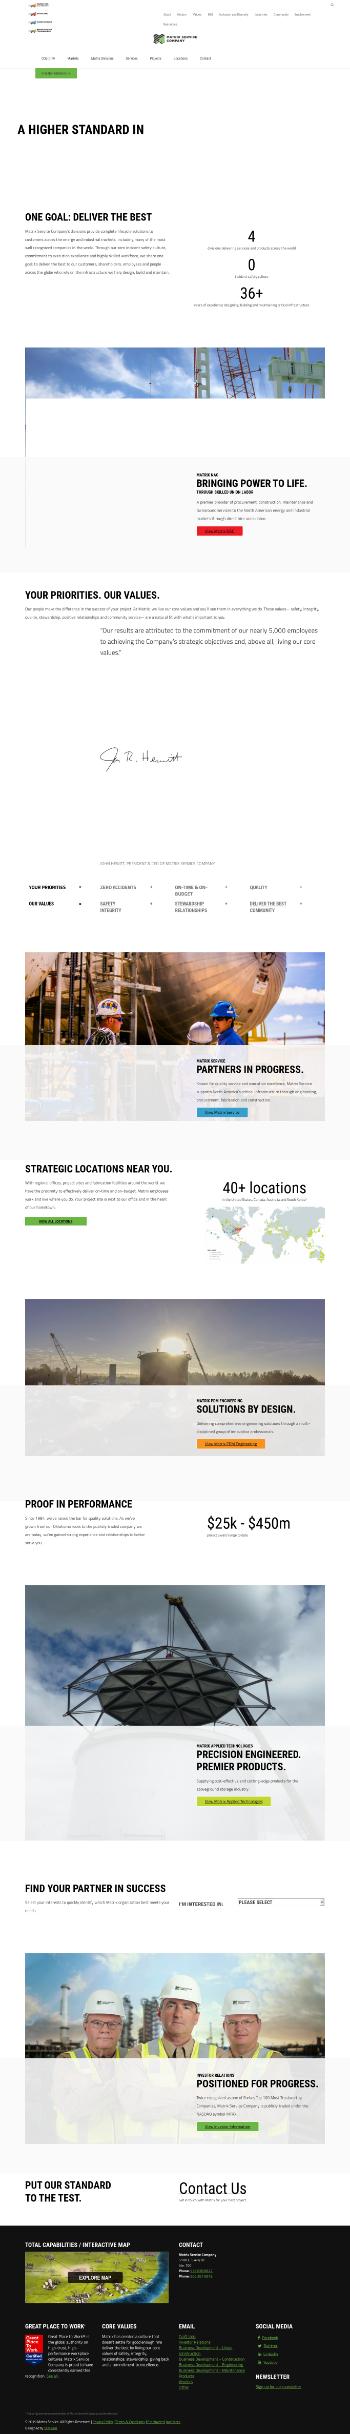 Matrix Service Company Website Screenshot